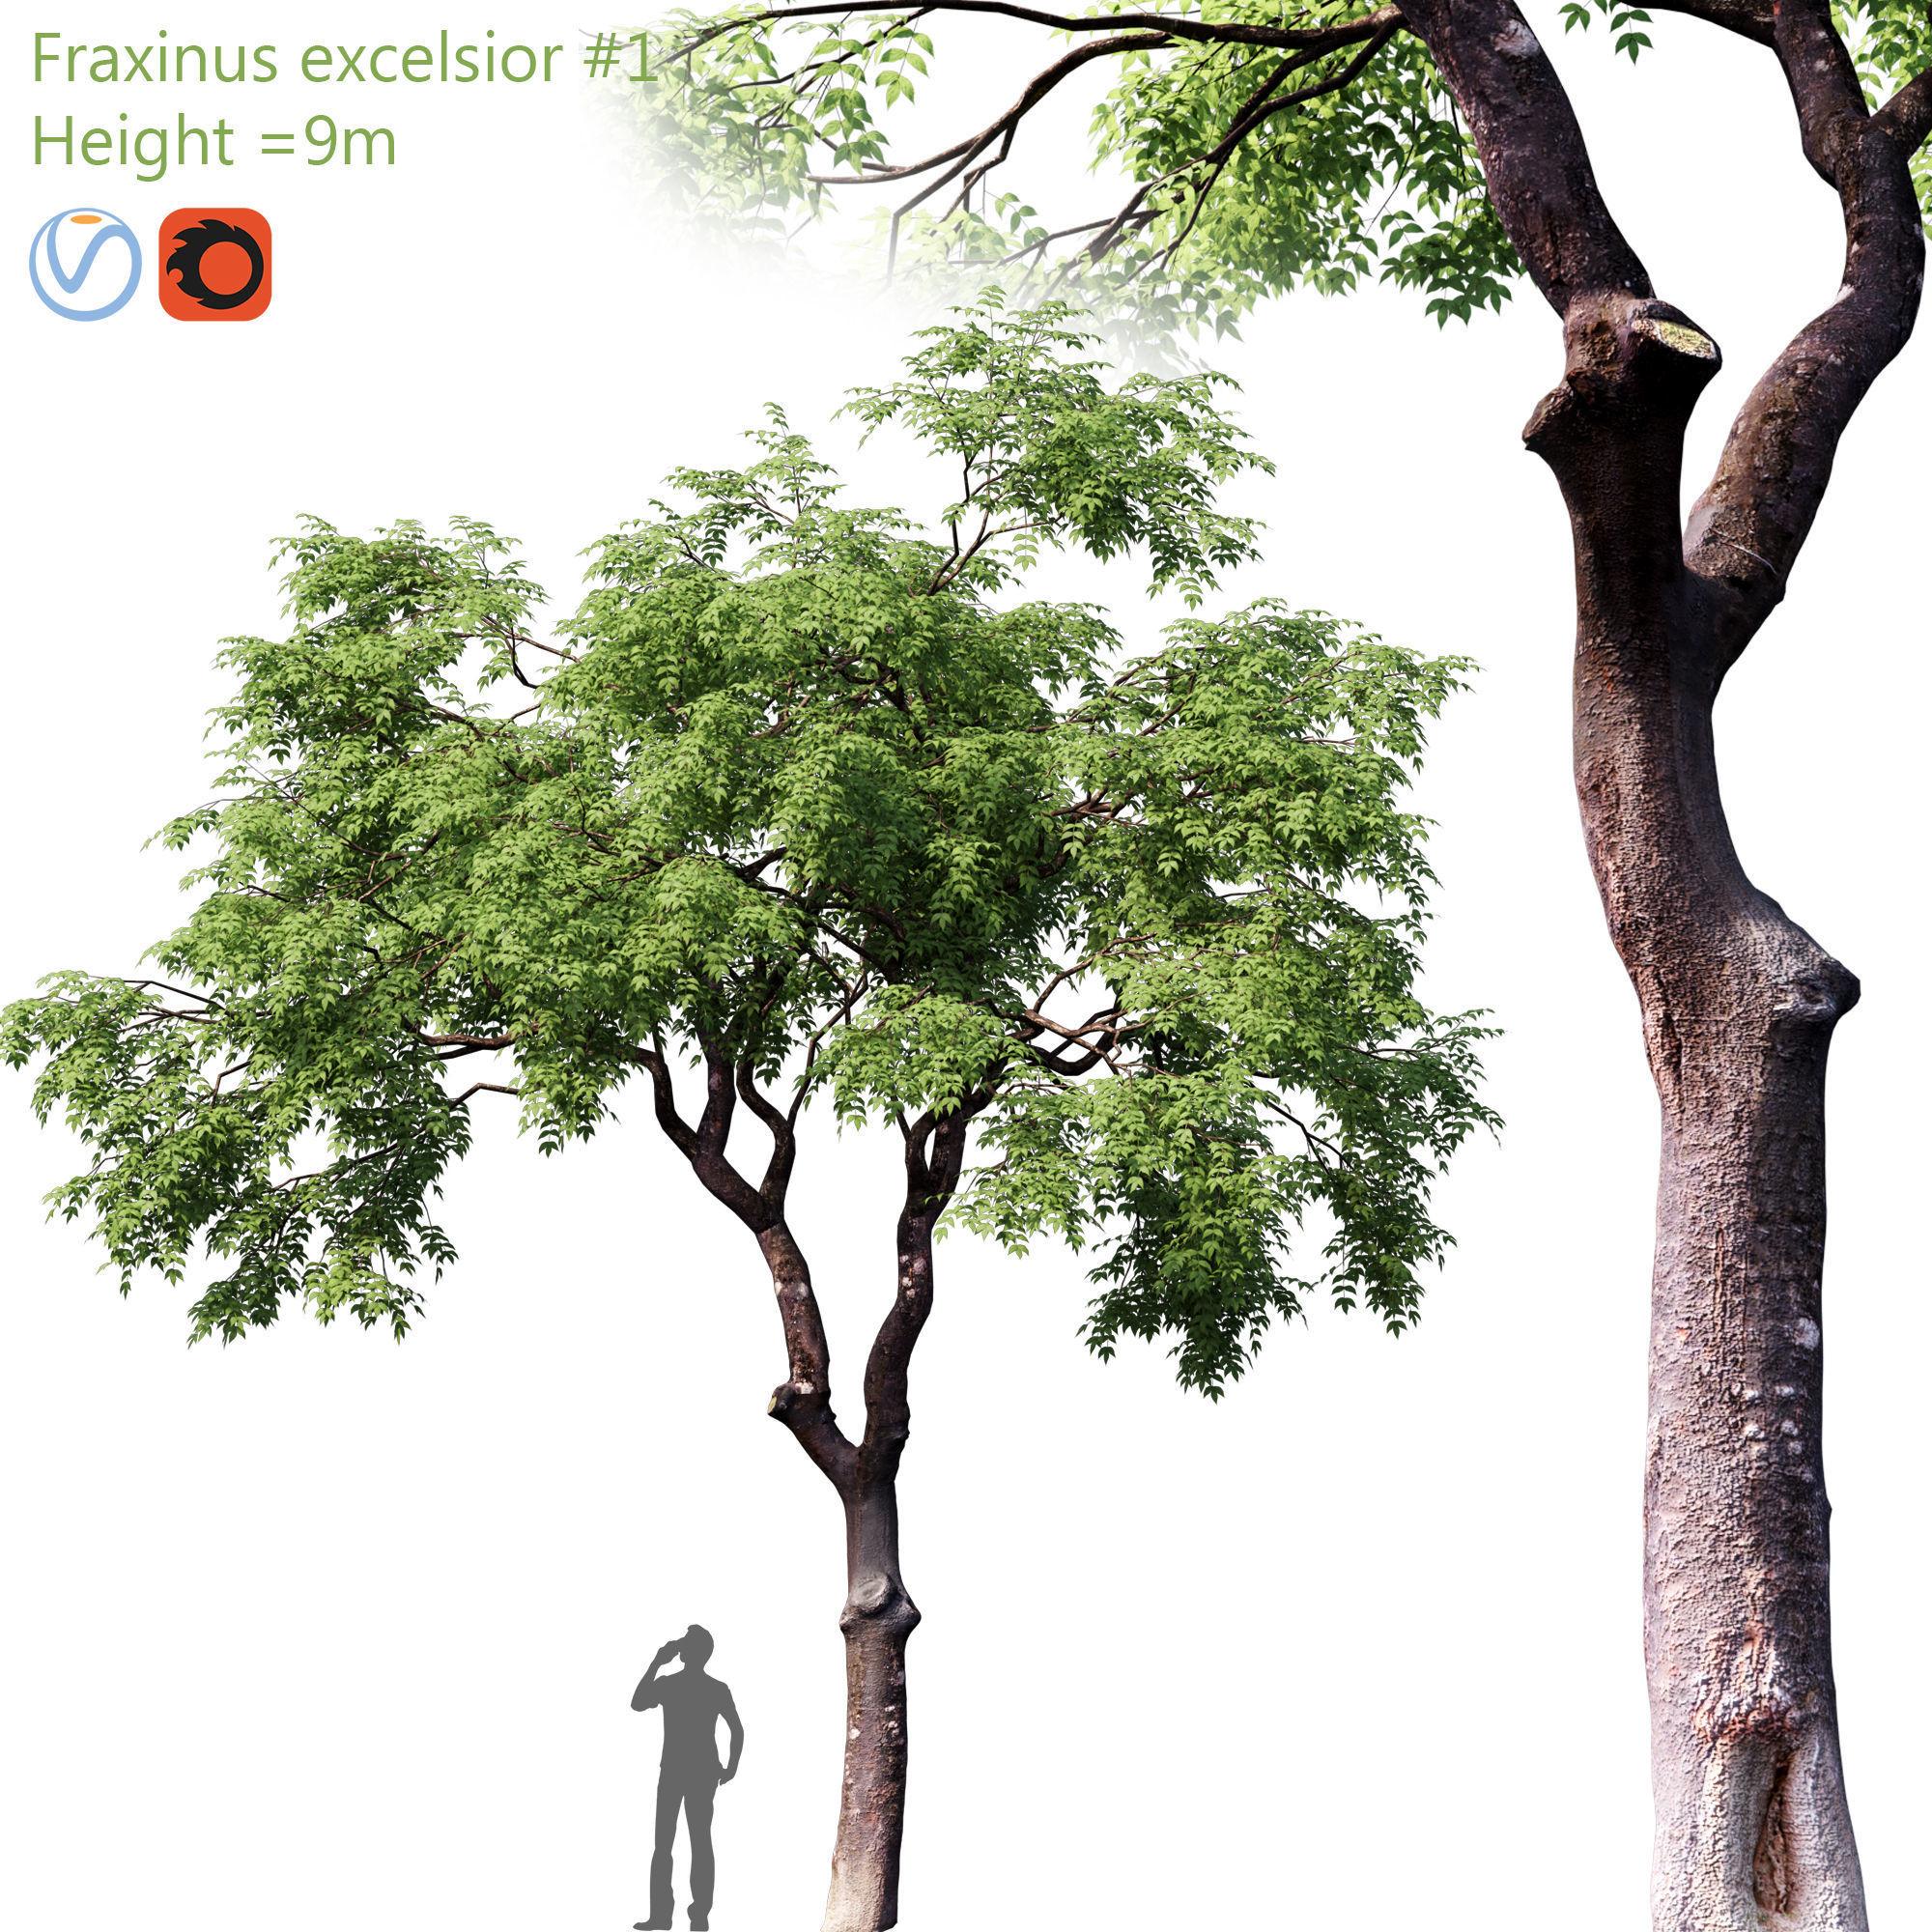 Fraxinus excelsior 01